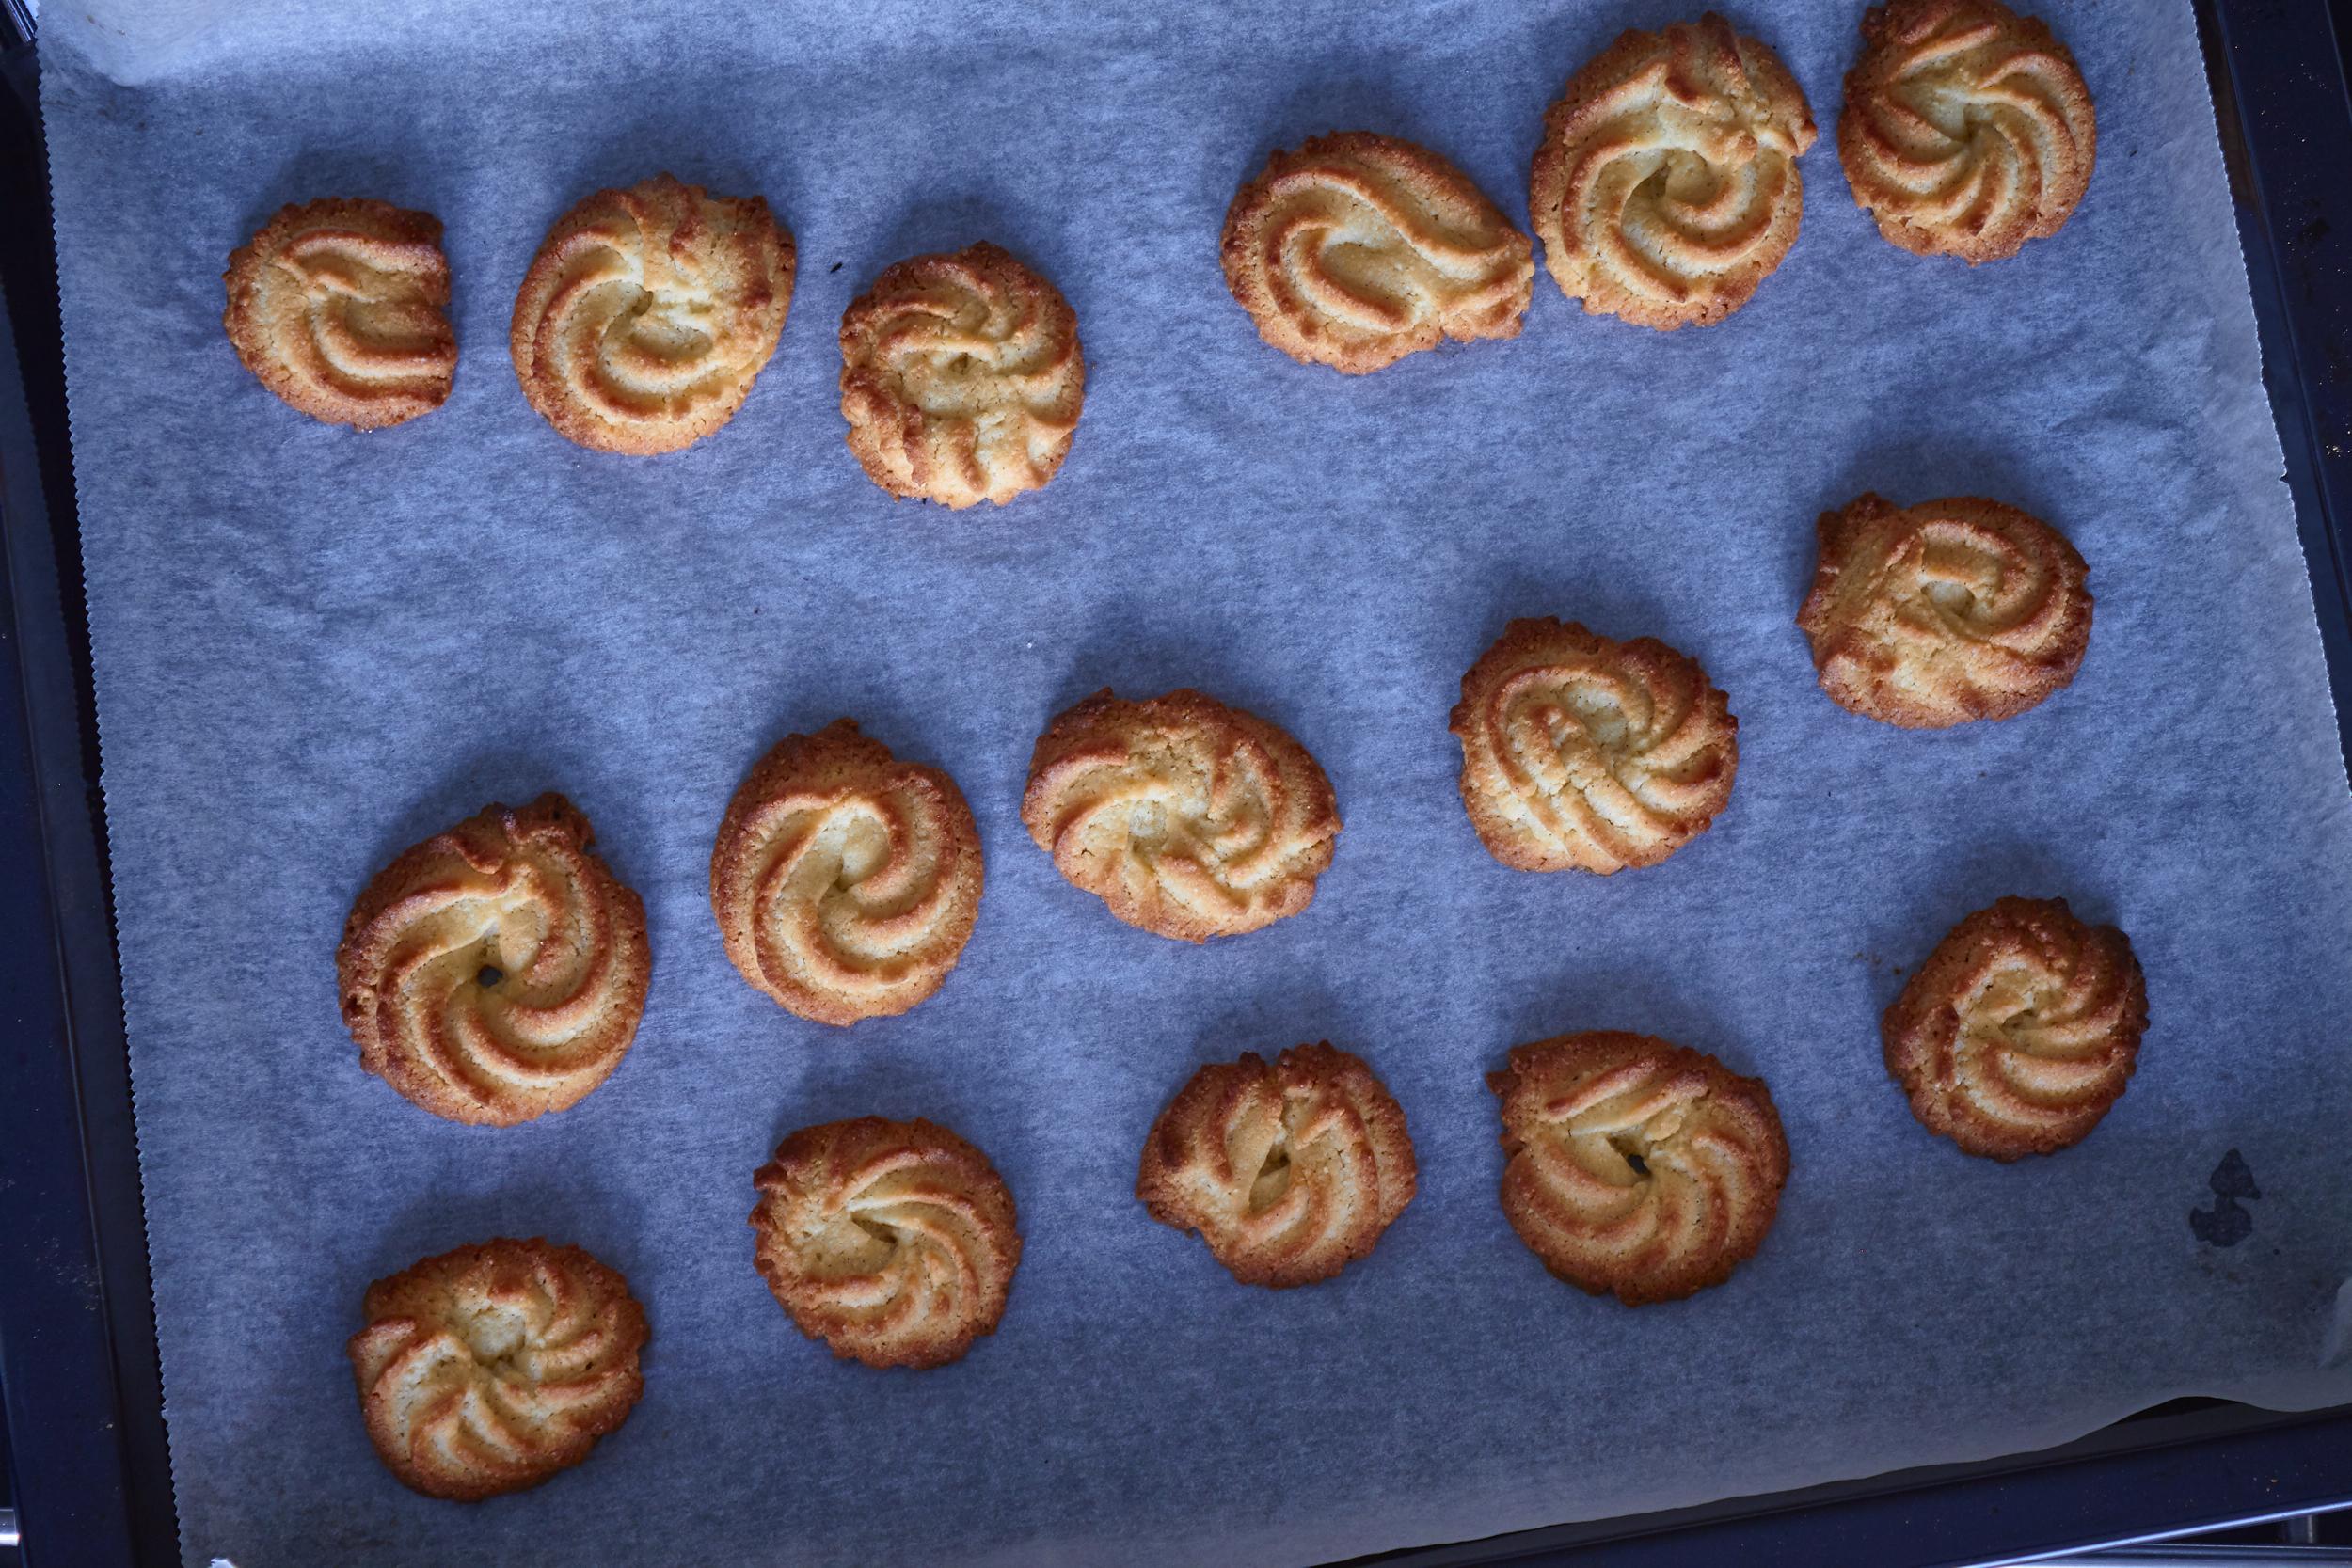 Danish Vanilla Cookies (Vaniljekranse) - yummy vaniljekranse right out of the oven | In Carina's Kitchen